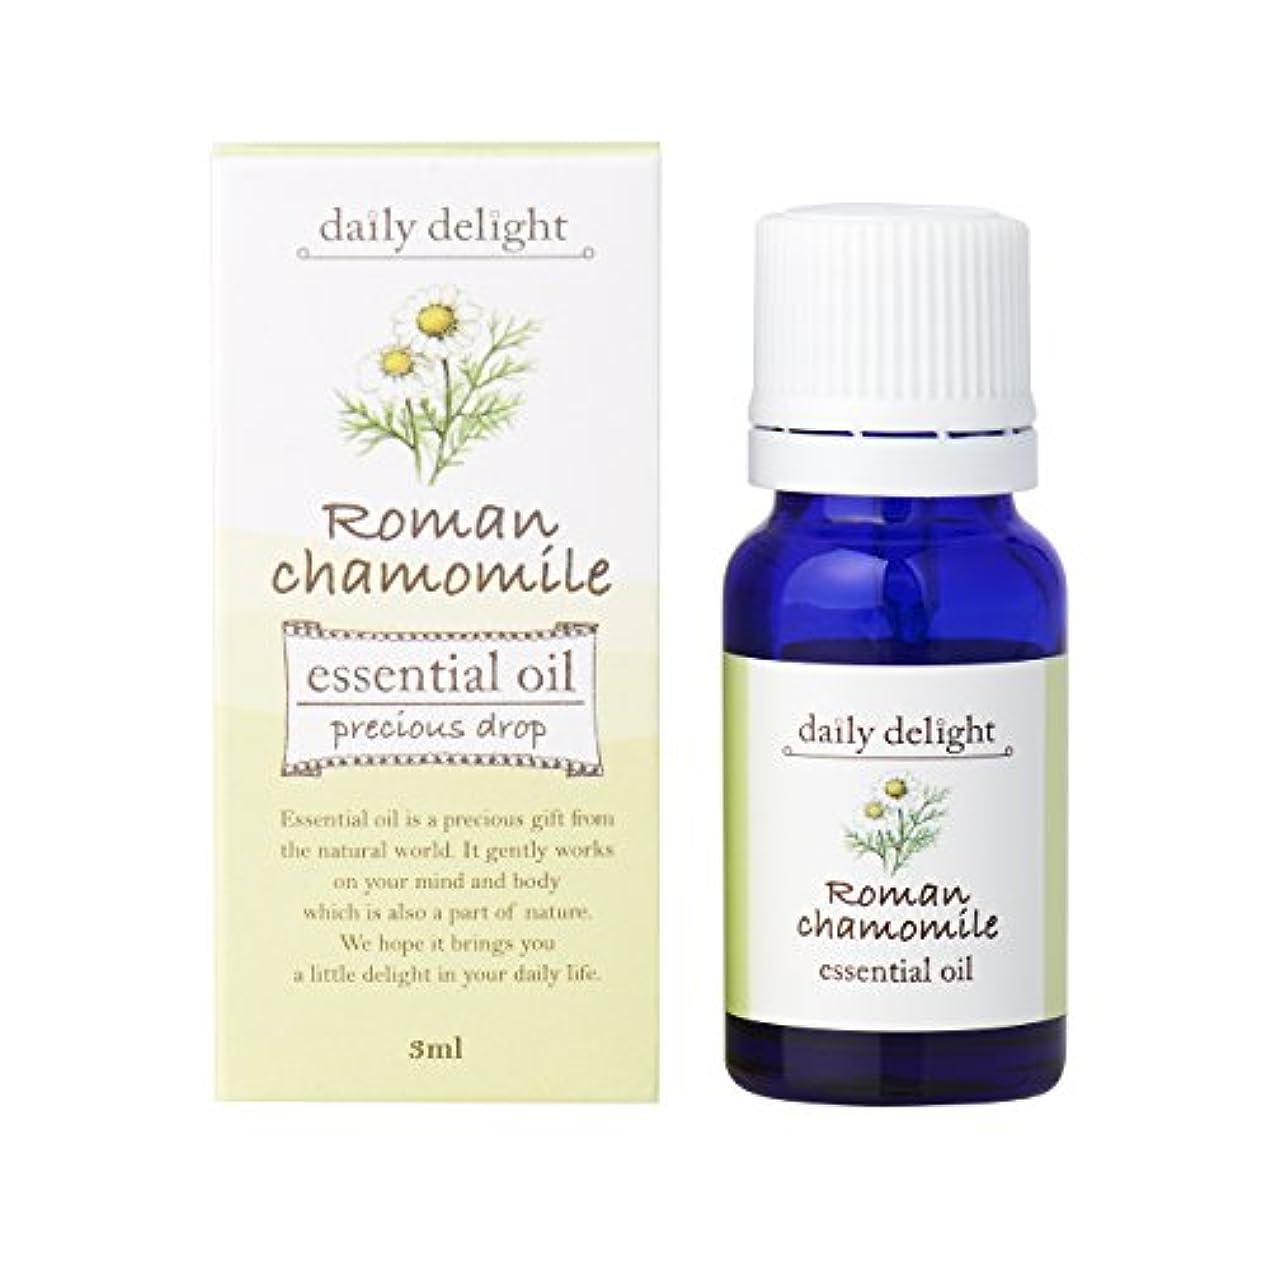 親指競争力のある温室デイリーディライト エッセンシャルオイル ローマンカモミール 3ml(天然100% 精油 アロマ フローラル系 青リンゴに似た香り)